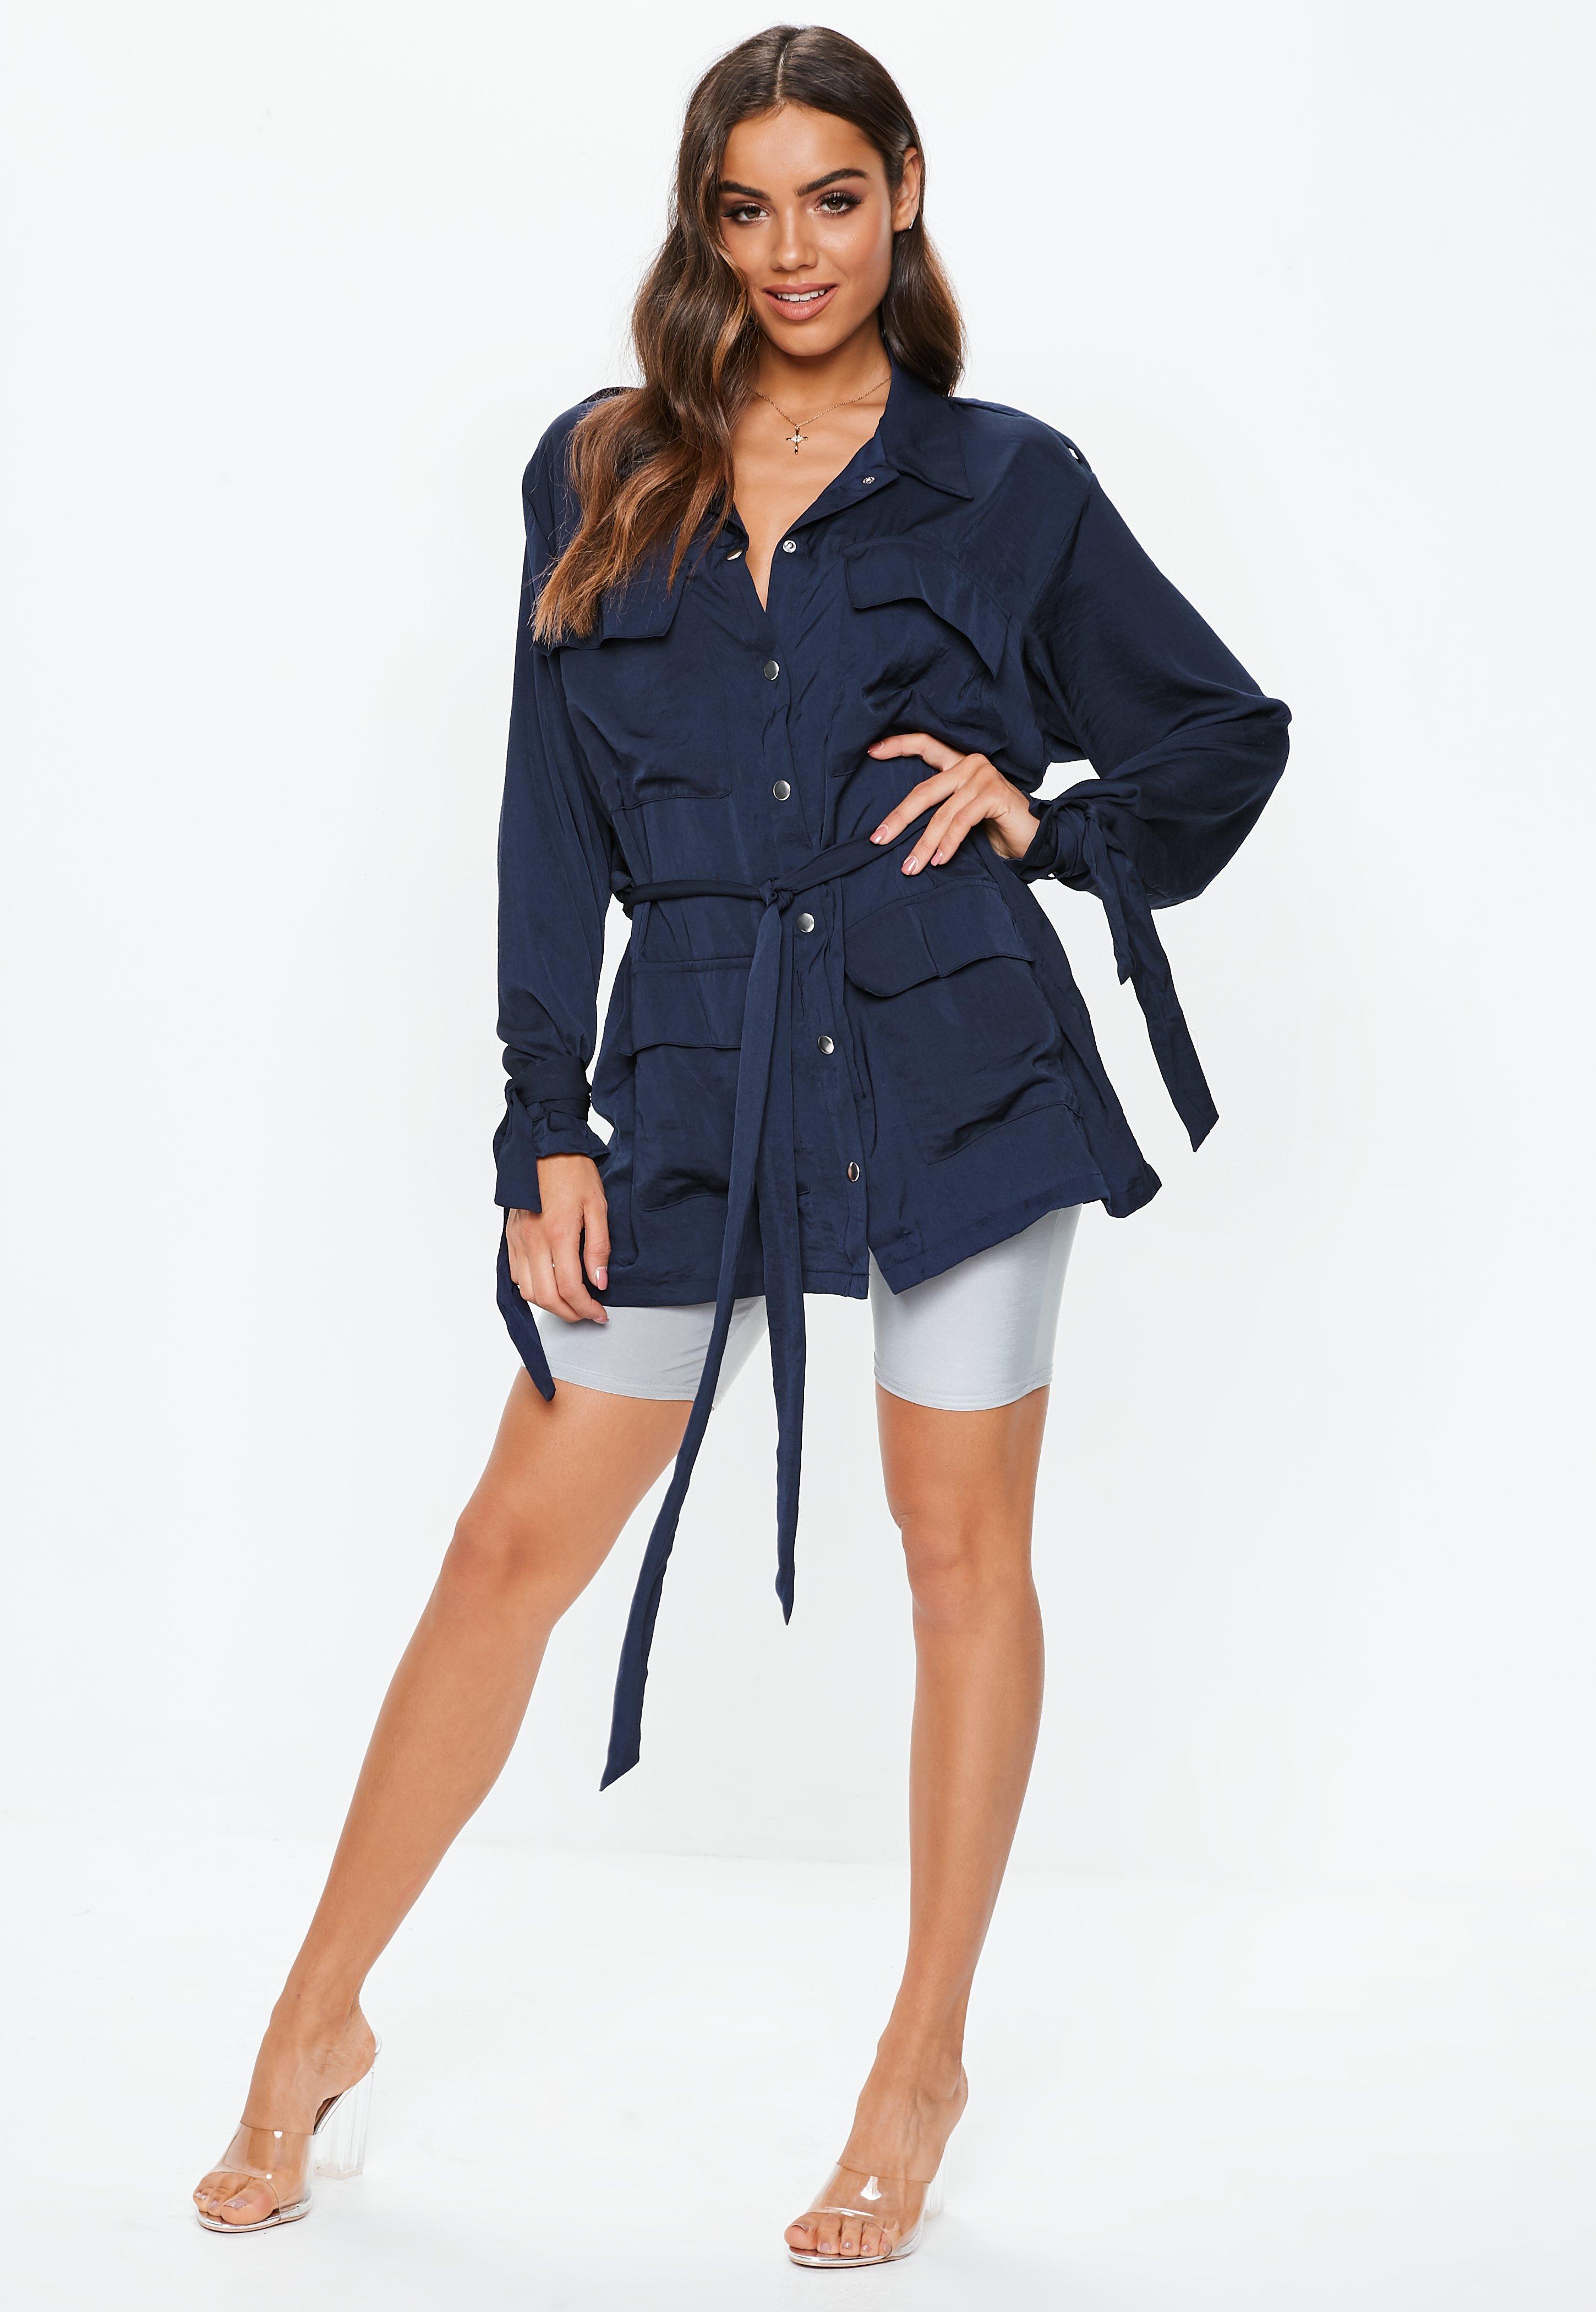 Image result for carli bybel missguided navy jacket